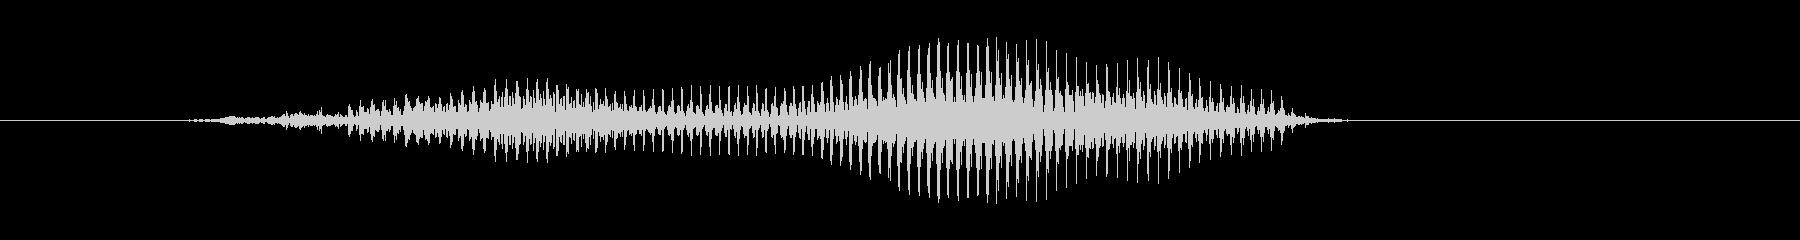 前衛(ぜんえい)の未再生の波形